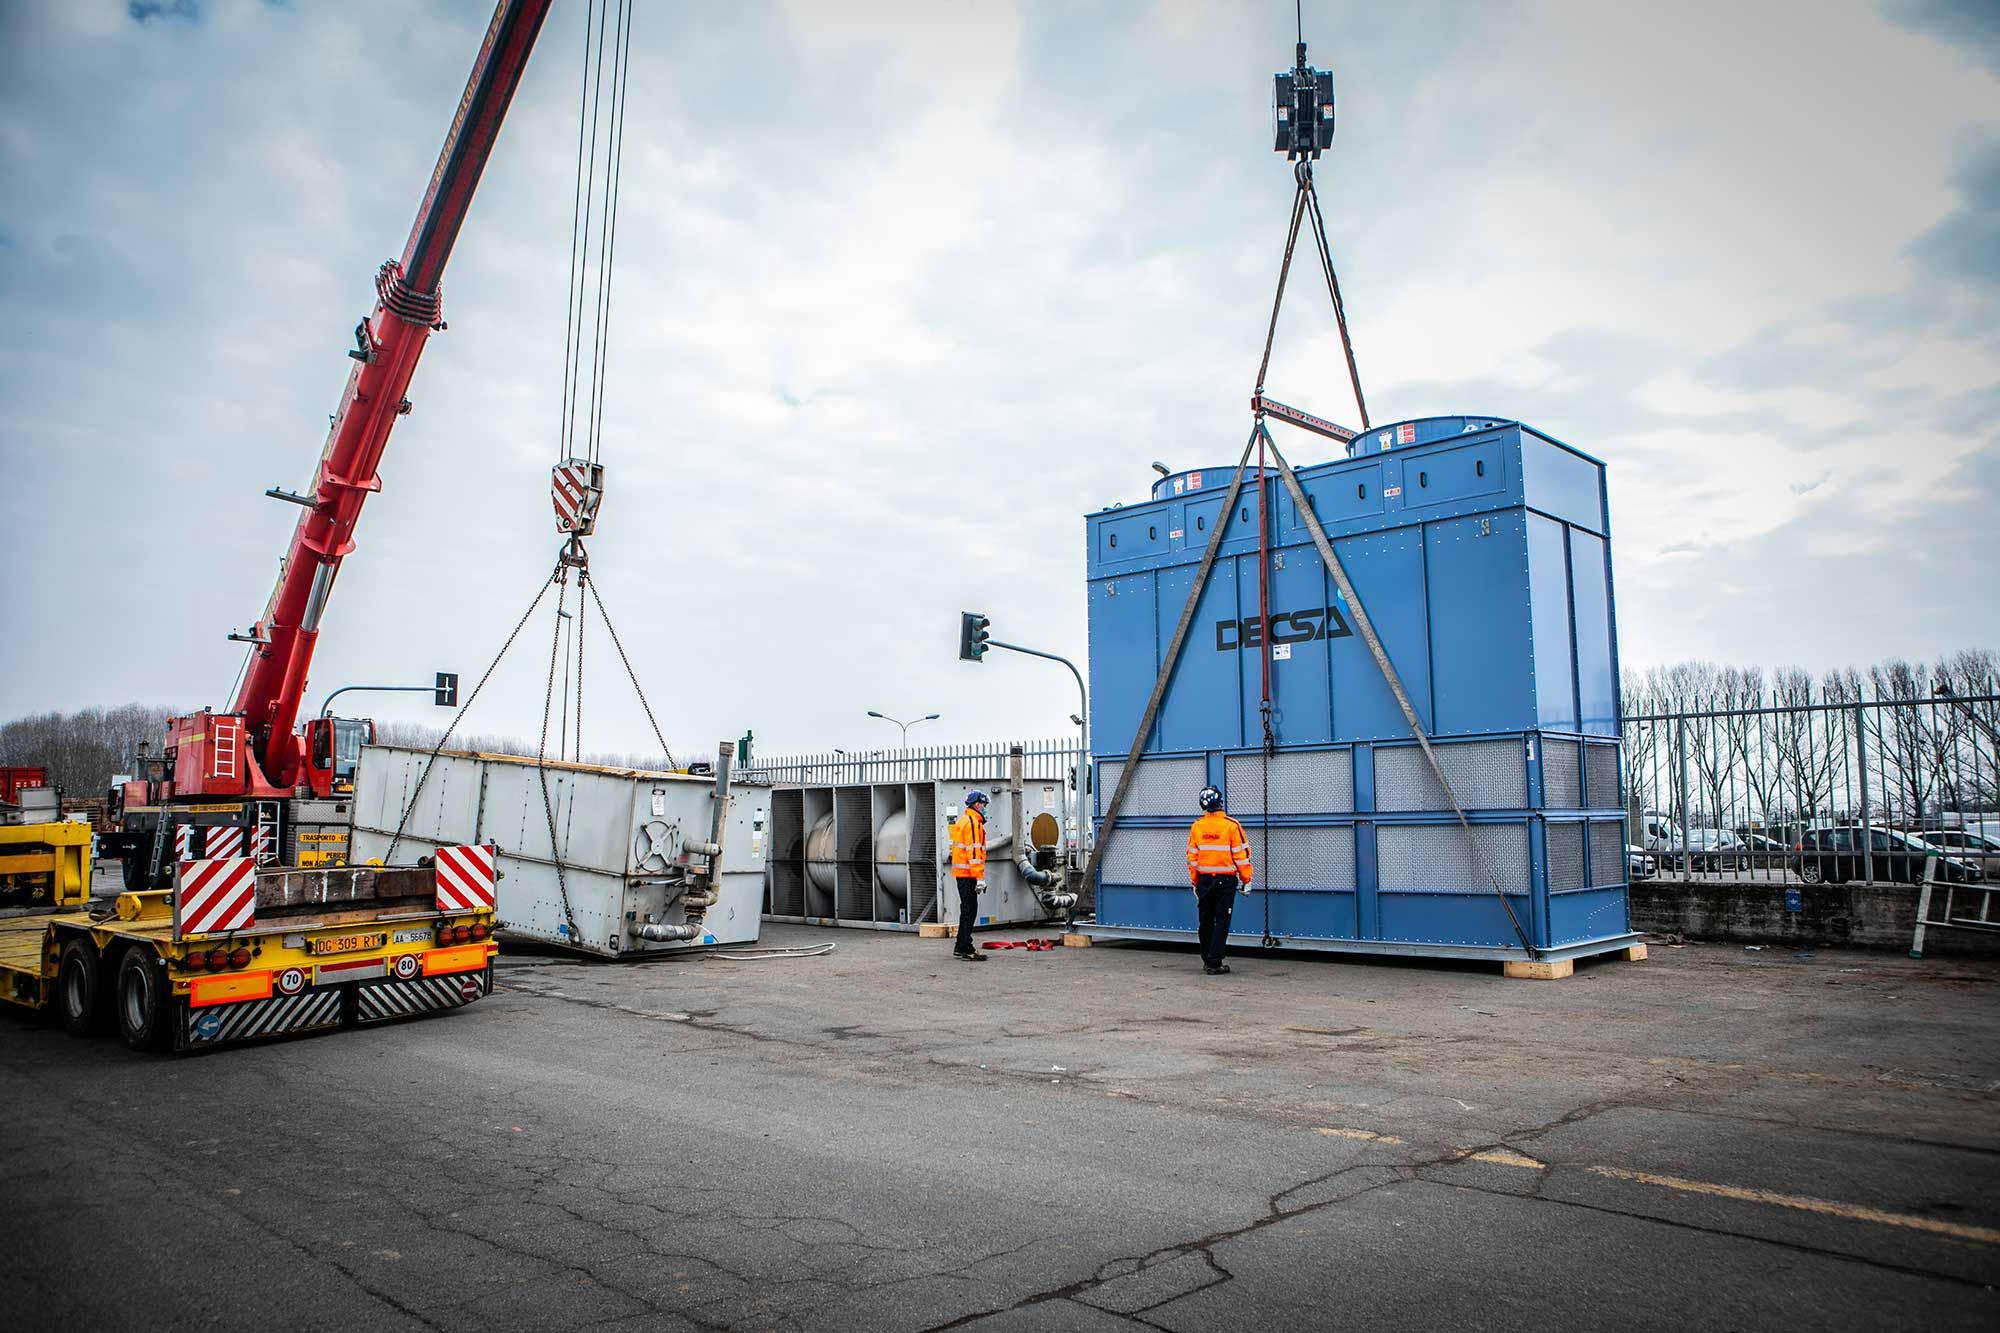 Uno dei condensatori evaporativi Decsa modello CFR-A-140 pronto per la movimentazione (stabilimento Galbani, Corteolona)